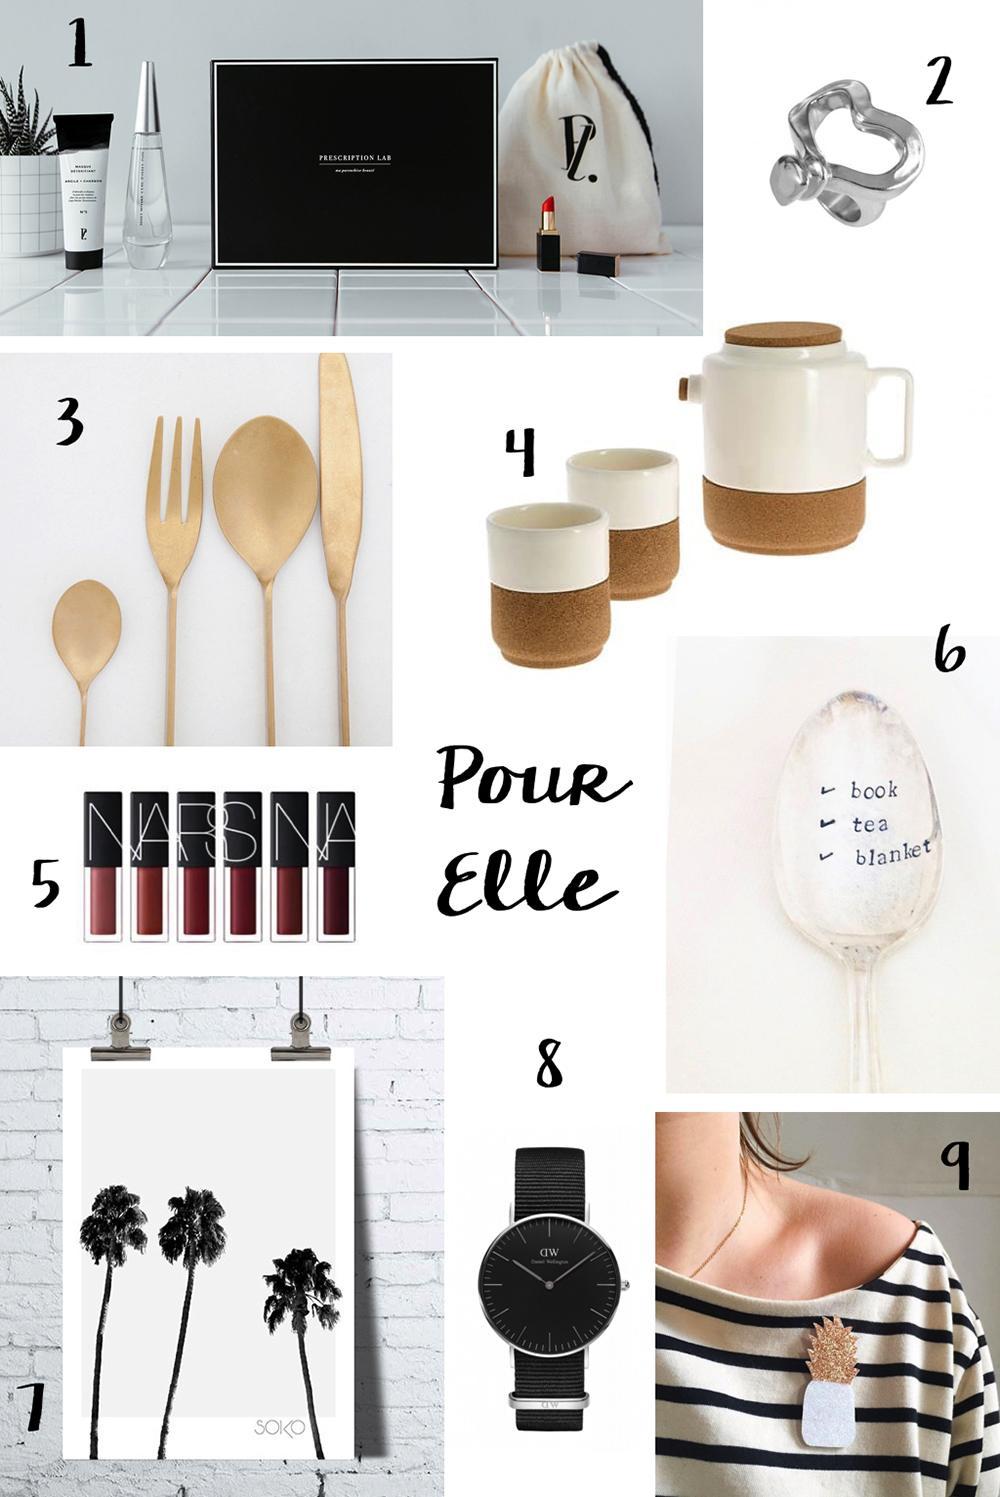 idees-cadeaux-pour-elle-noel